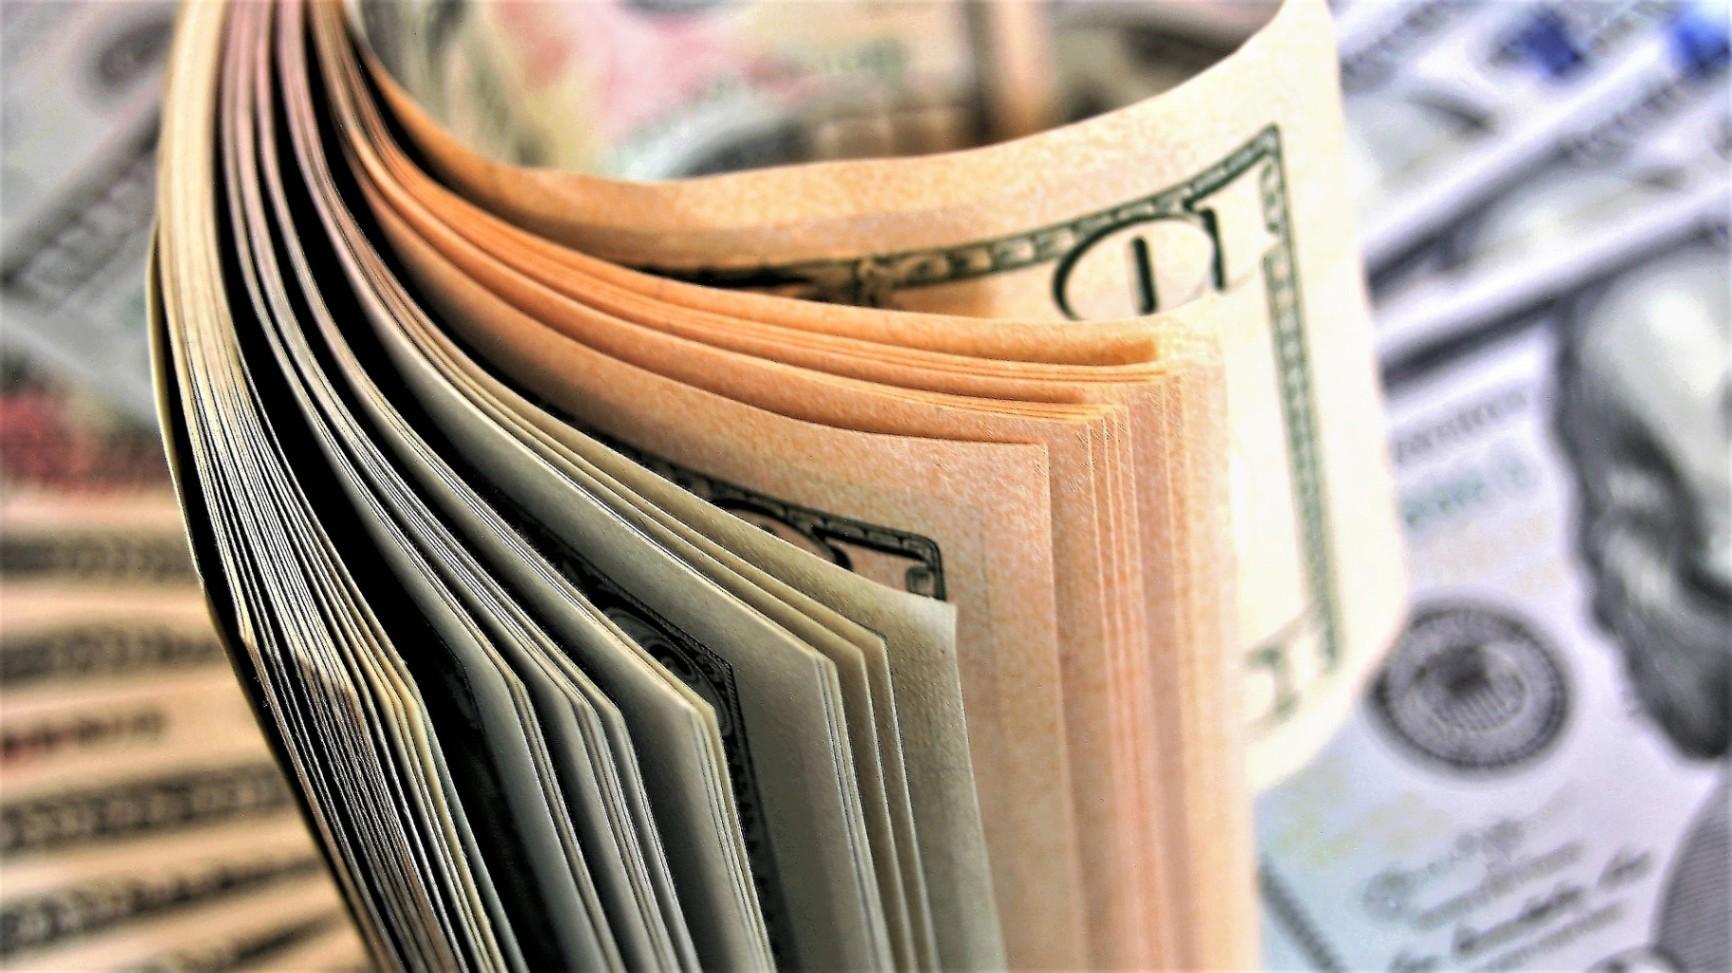 Apprenez Comment Commander la Carte Veritas - Carte Prépayée avec Recharge de 50 000 Euros par Mois